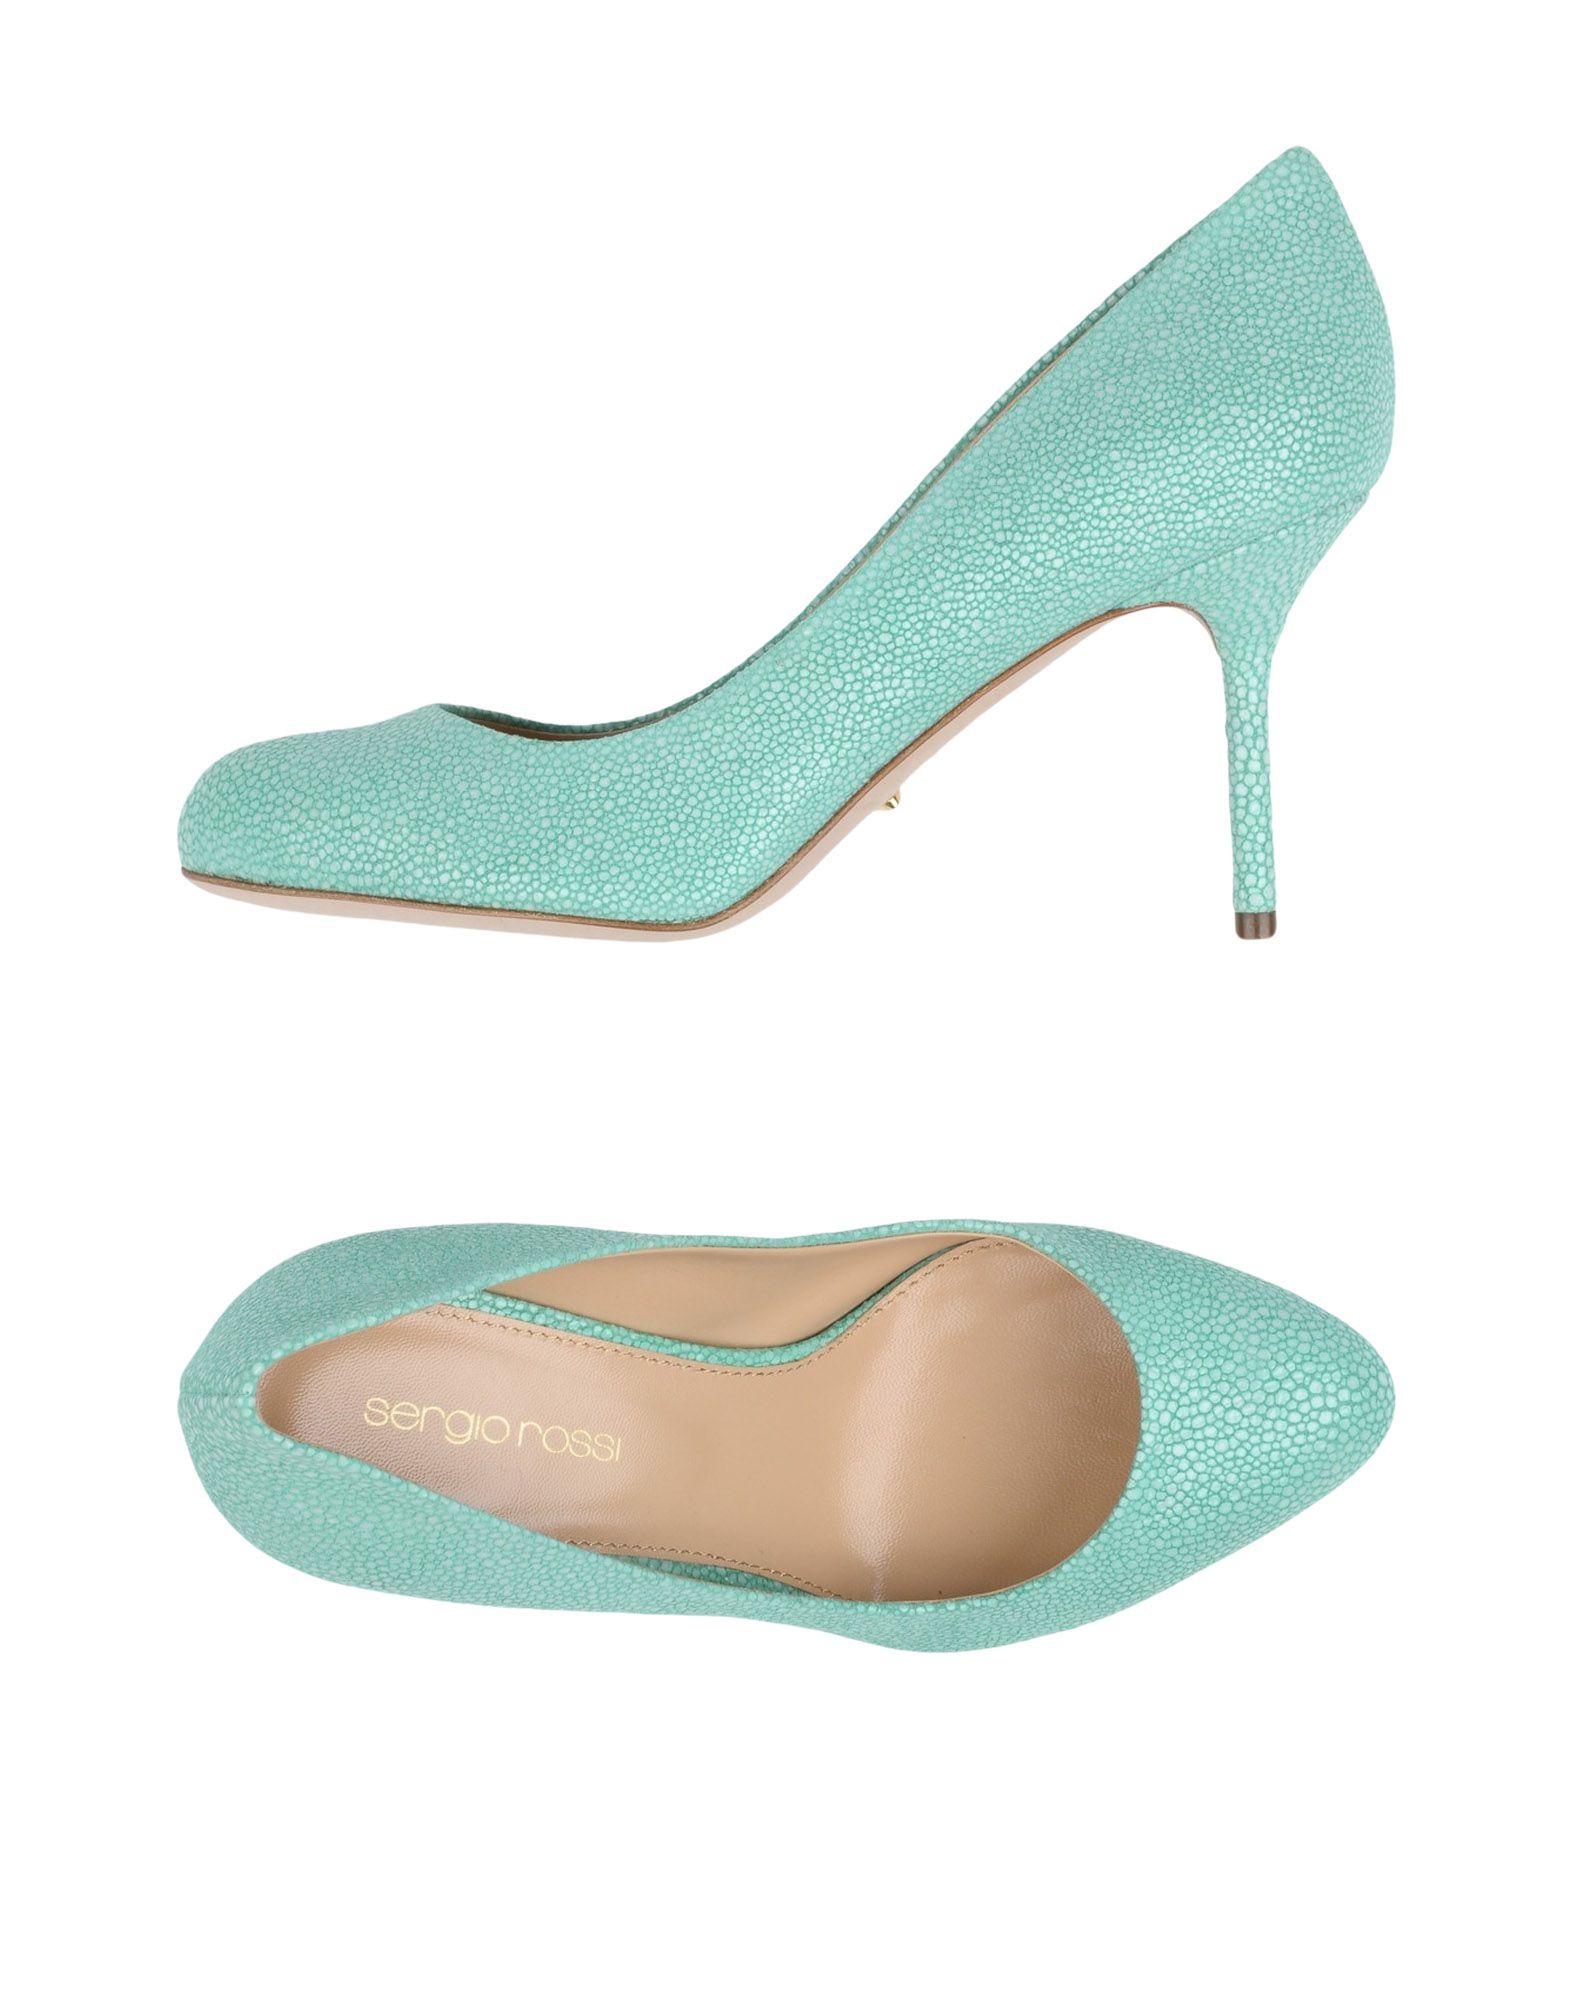 Stilvolle billige Schuhe Sergio Rossi Pumps Damen  11284894AR